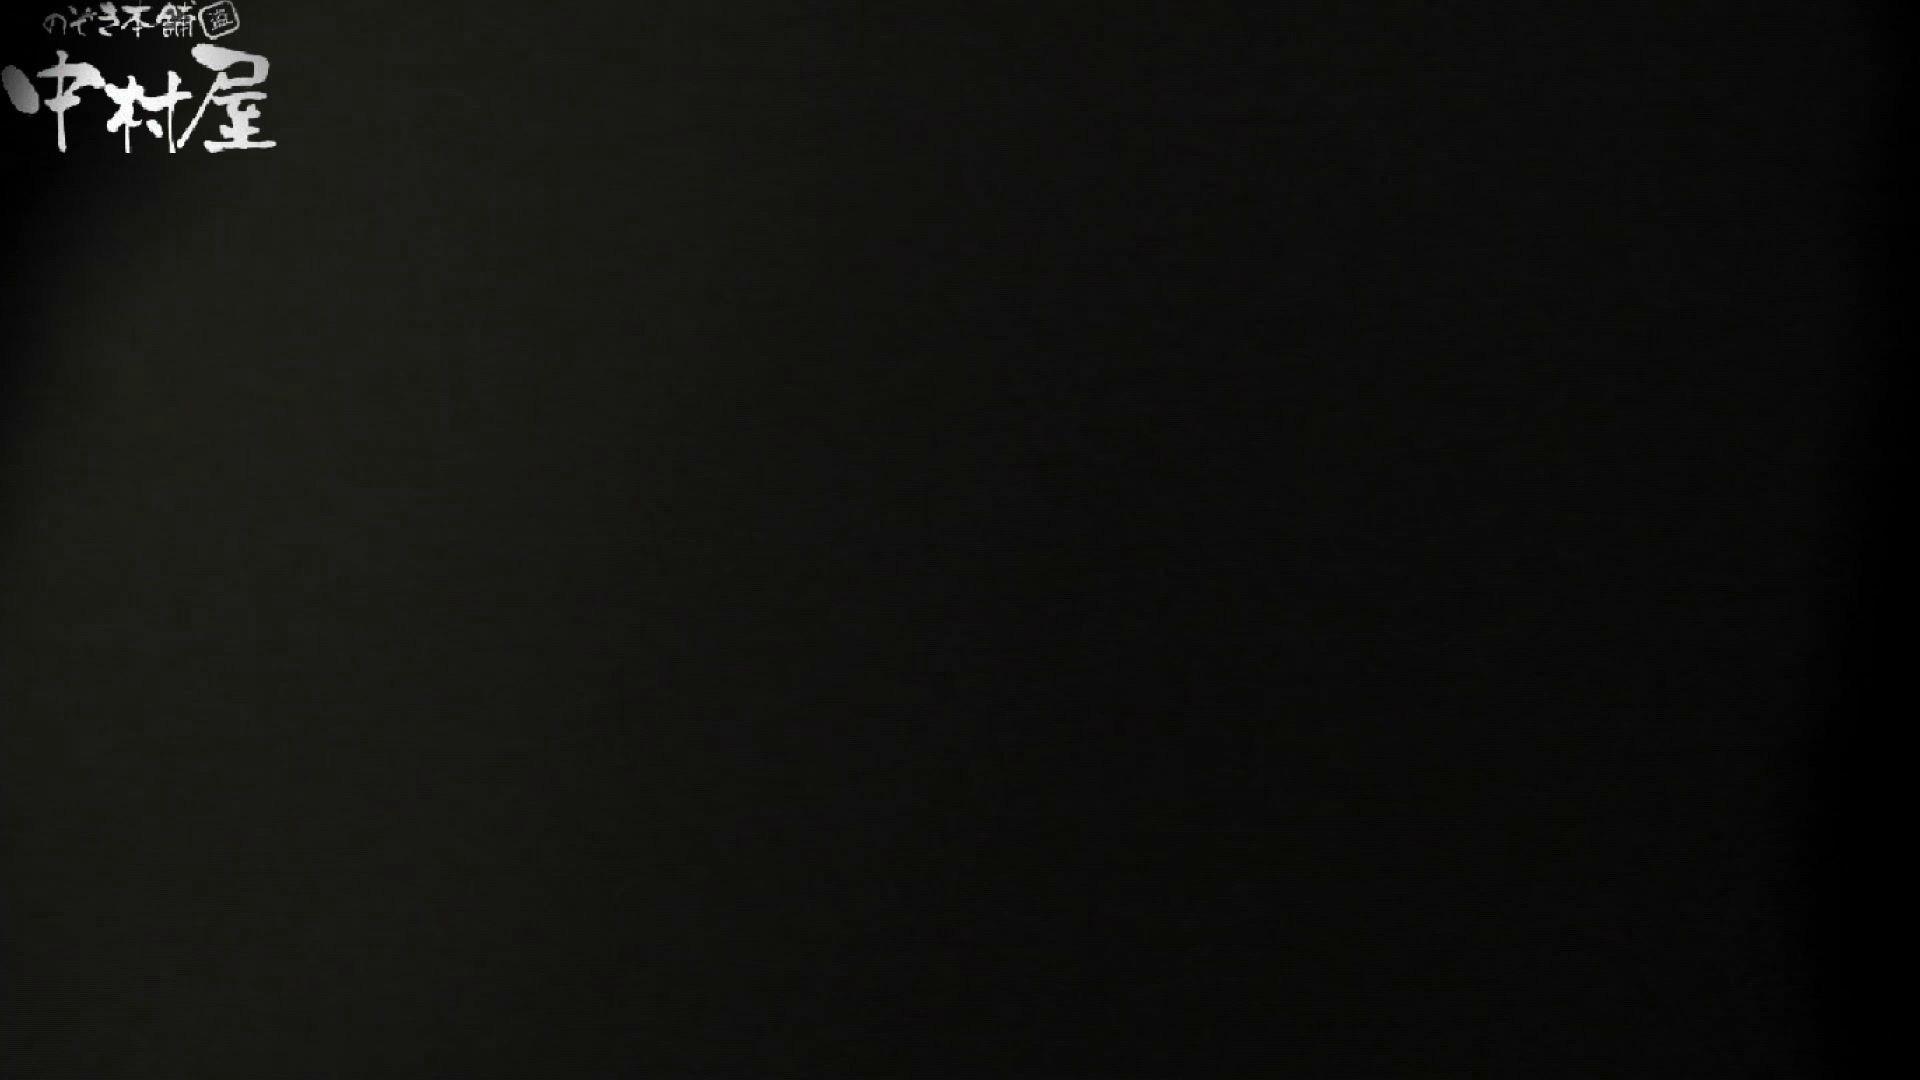 世界の射窓から vol.45 尻出しスマホ 後編 洗面所   OLセックス  60画像 33